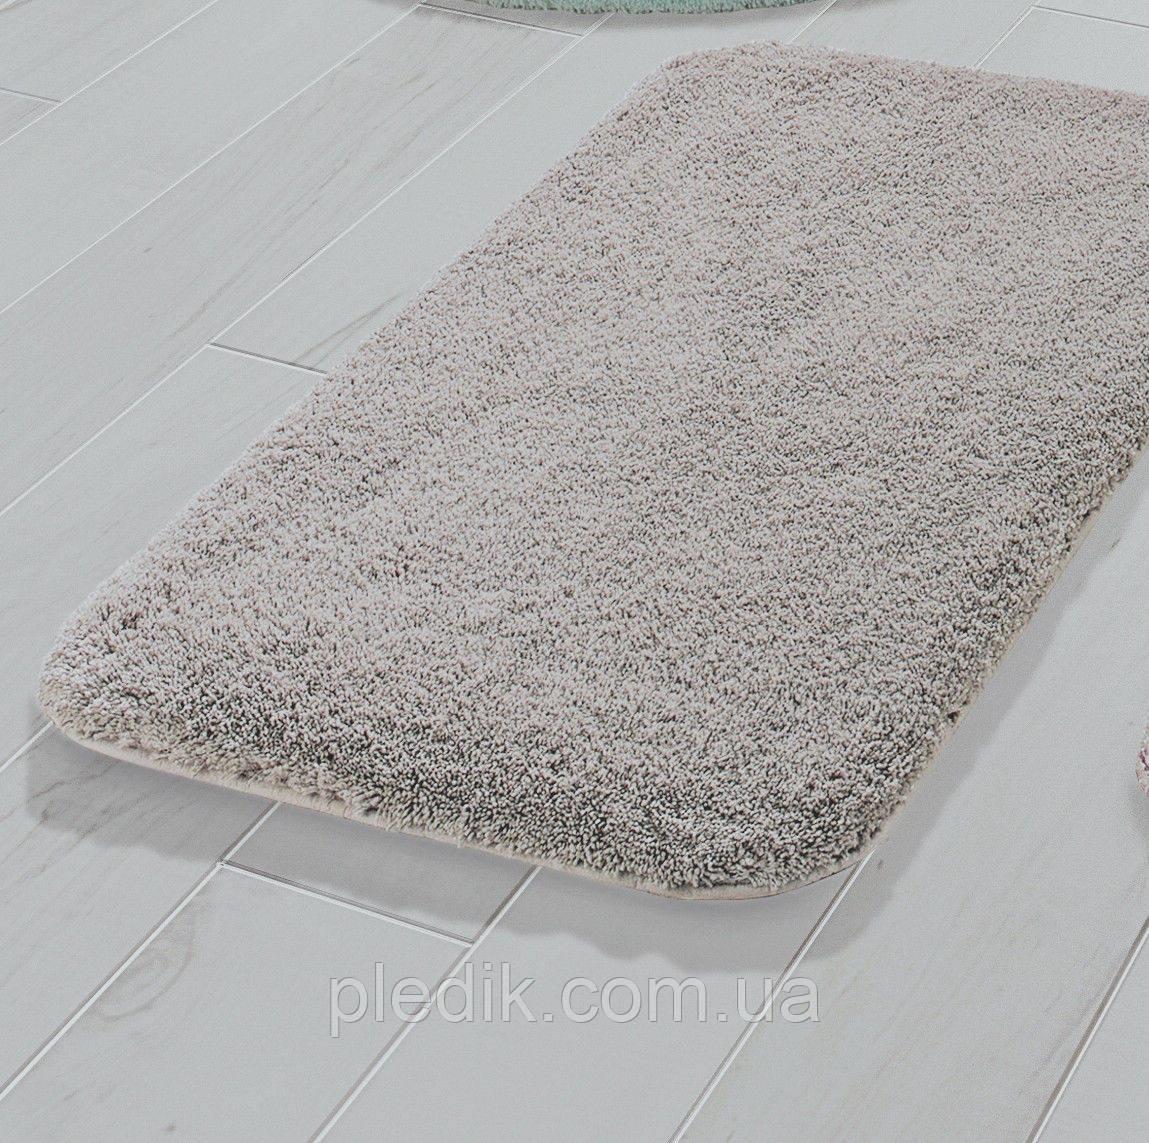 Коврик для ванной 55х60 Confetti Miami L. Mink (Acik Vizon) беж-серый